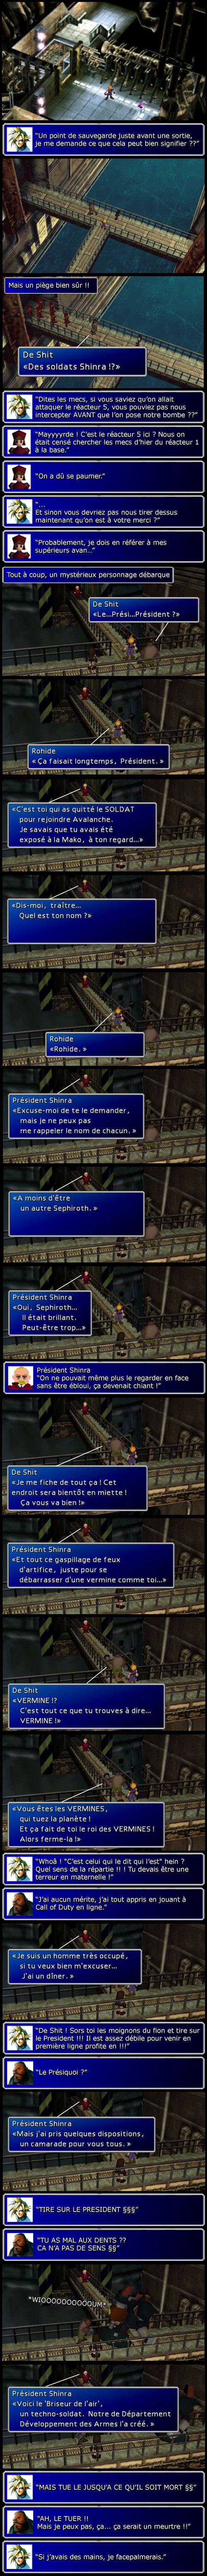 Final fantasy 7 : Pris au piège par les soldats de la Shinra et le président de la Shinra qui vient faire coucou (et se mettre en danger inutilement comme un branque)